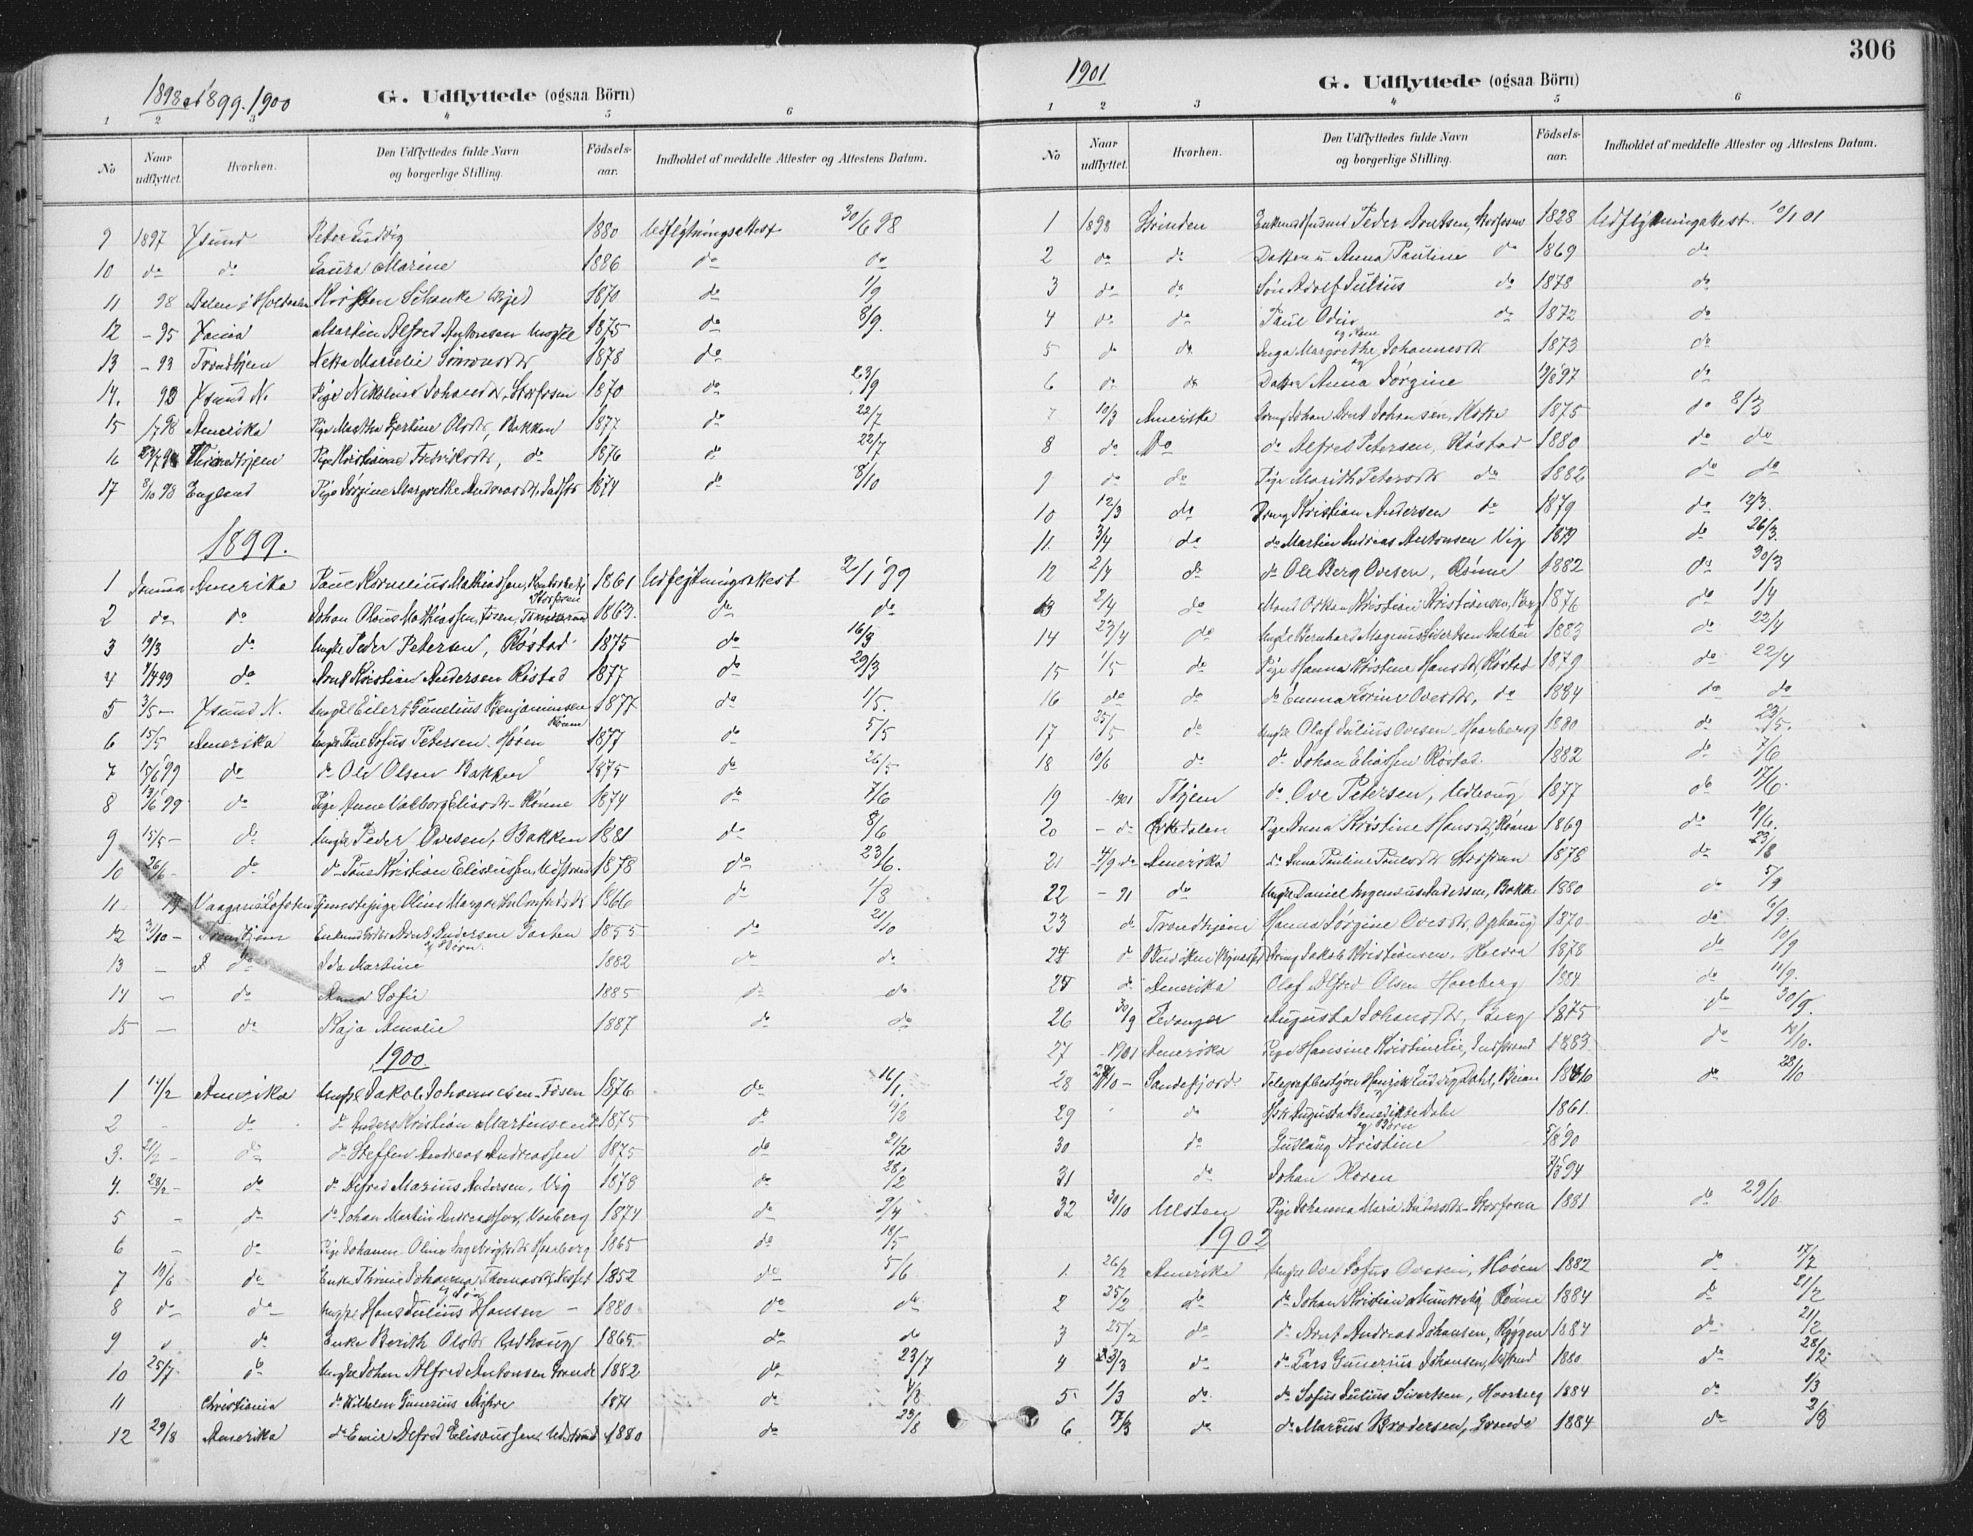 SAT, Ministerialprotokoller, klokkerbøker og fødselsregistre - Sør-Trøndelag, 659/L0743: Ministerialbok nr. 659A13, 1893-1910, s. 306